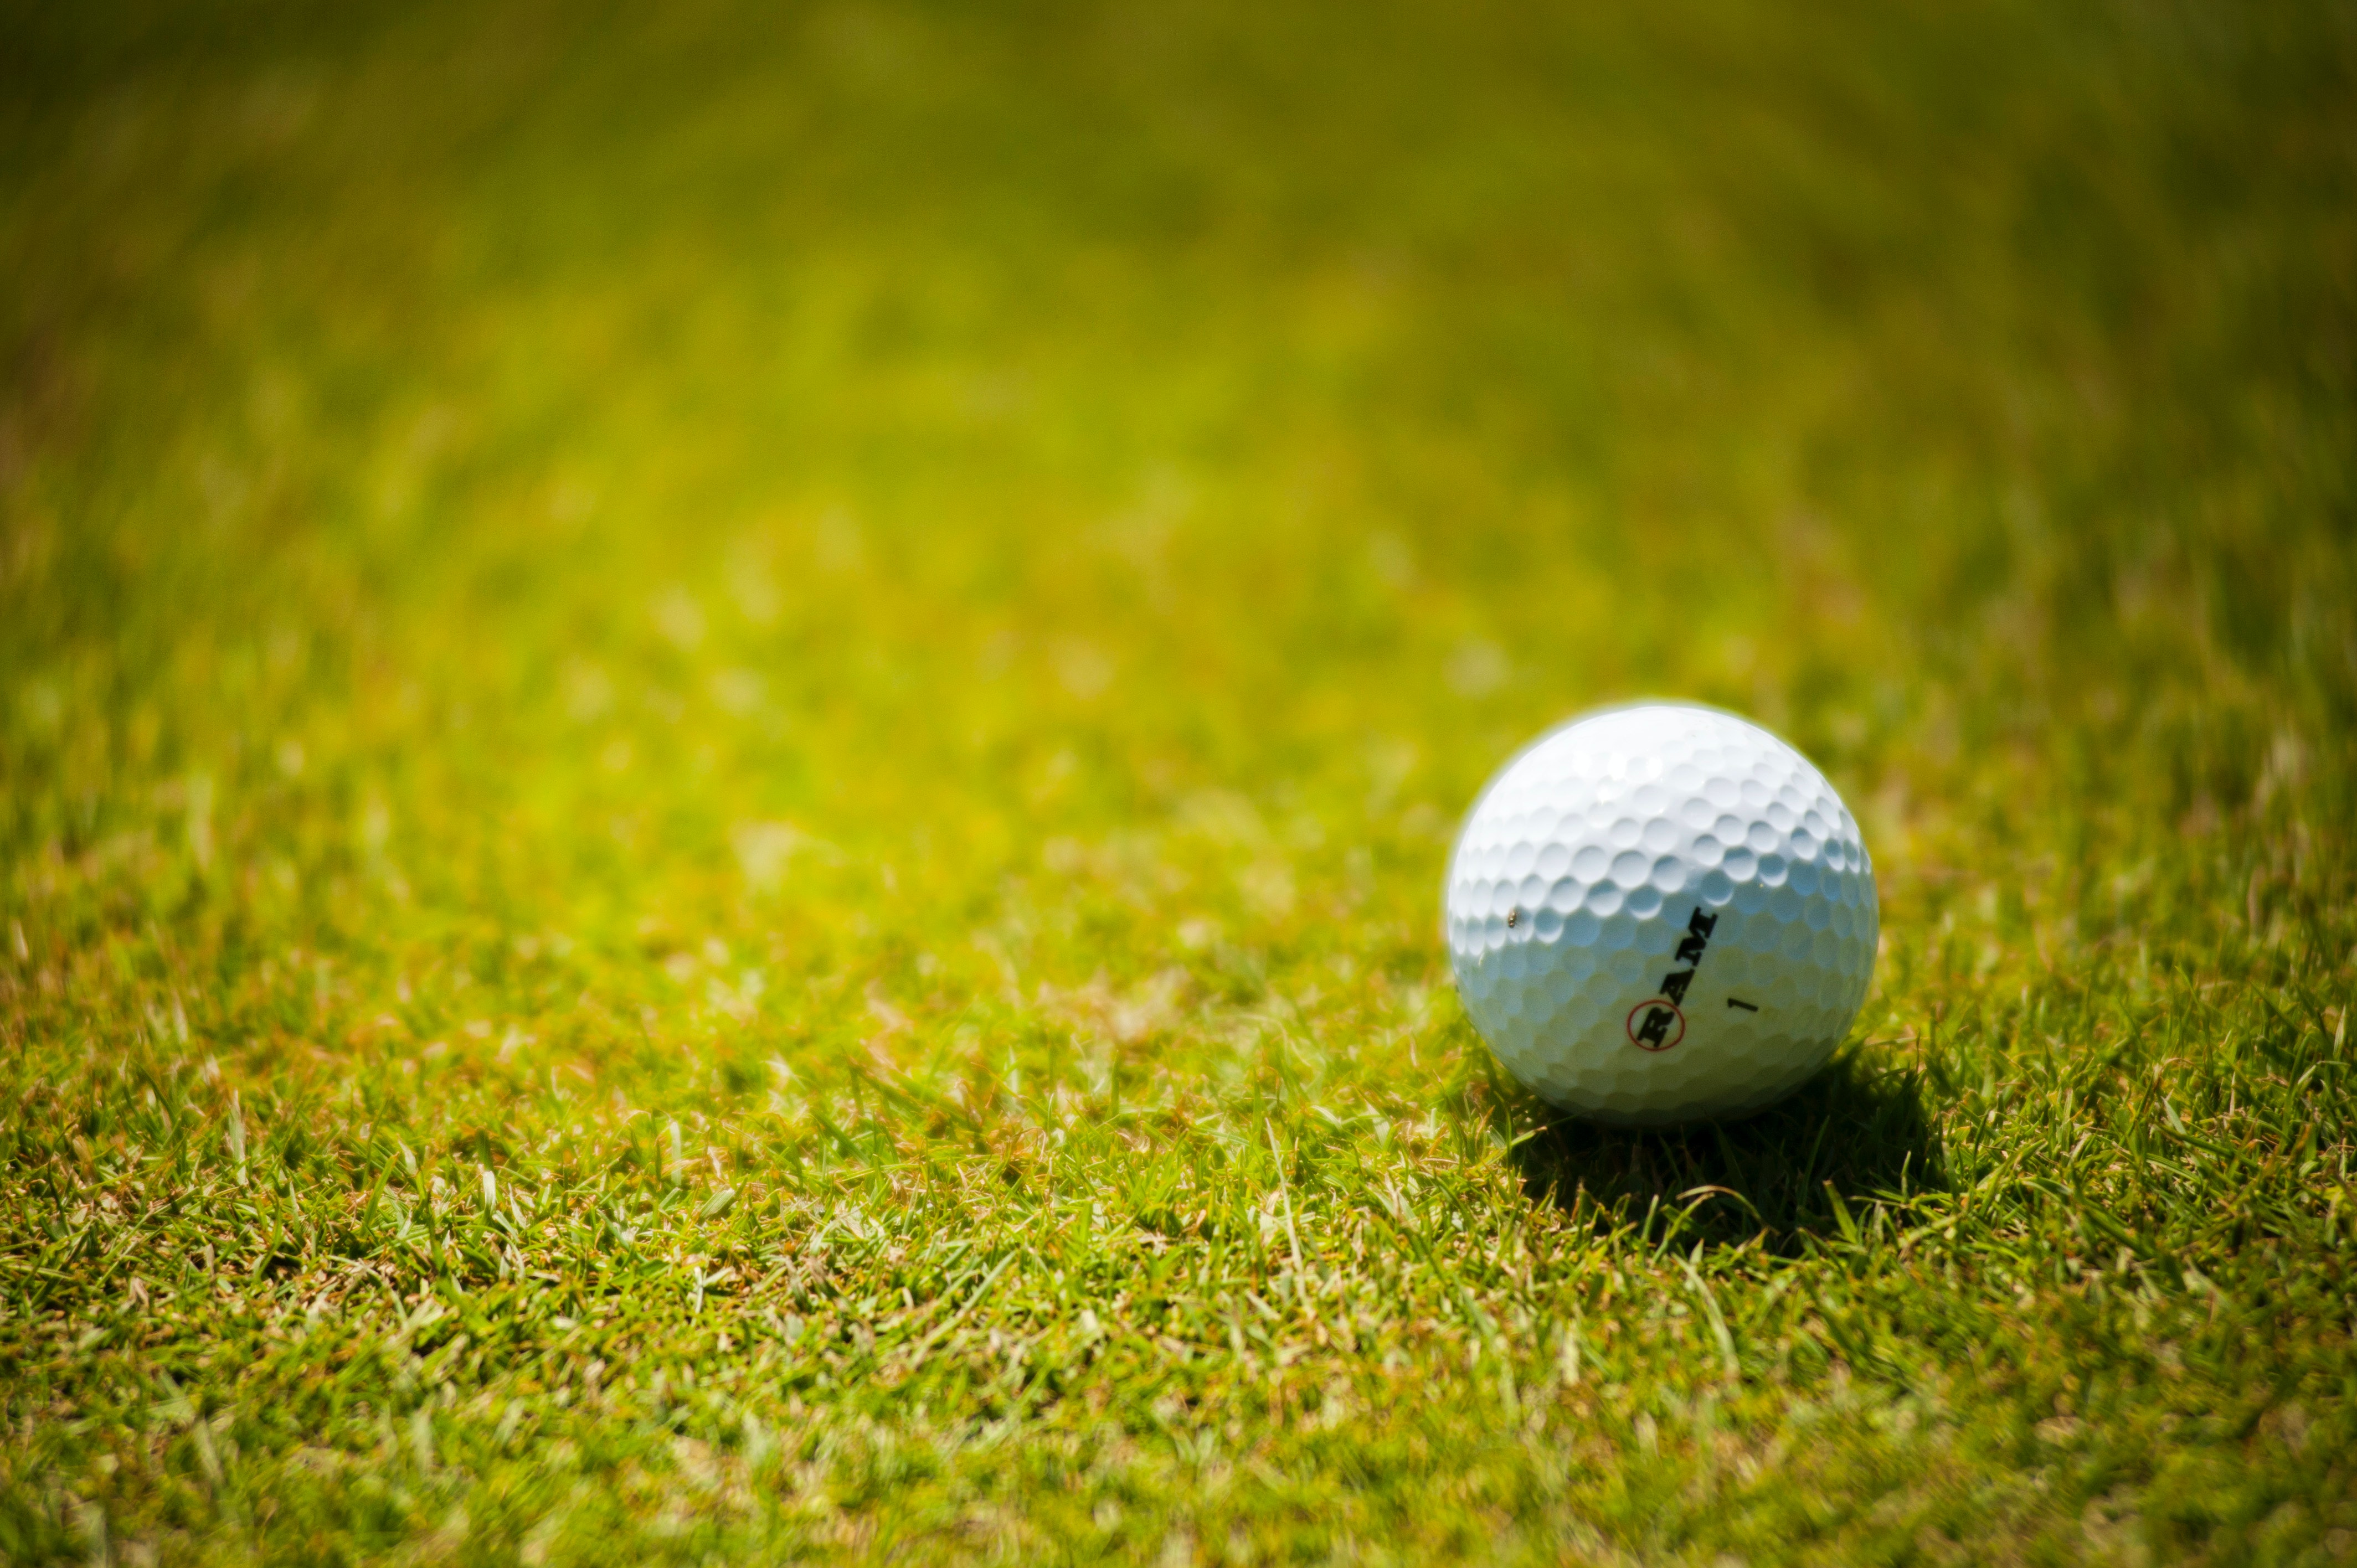 ゴルフボール ゴルフ場 スポーツの無料の写真素材